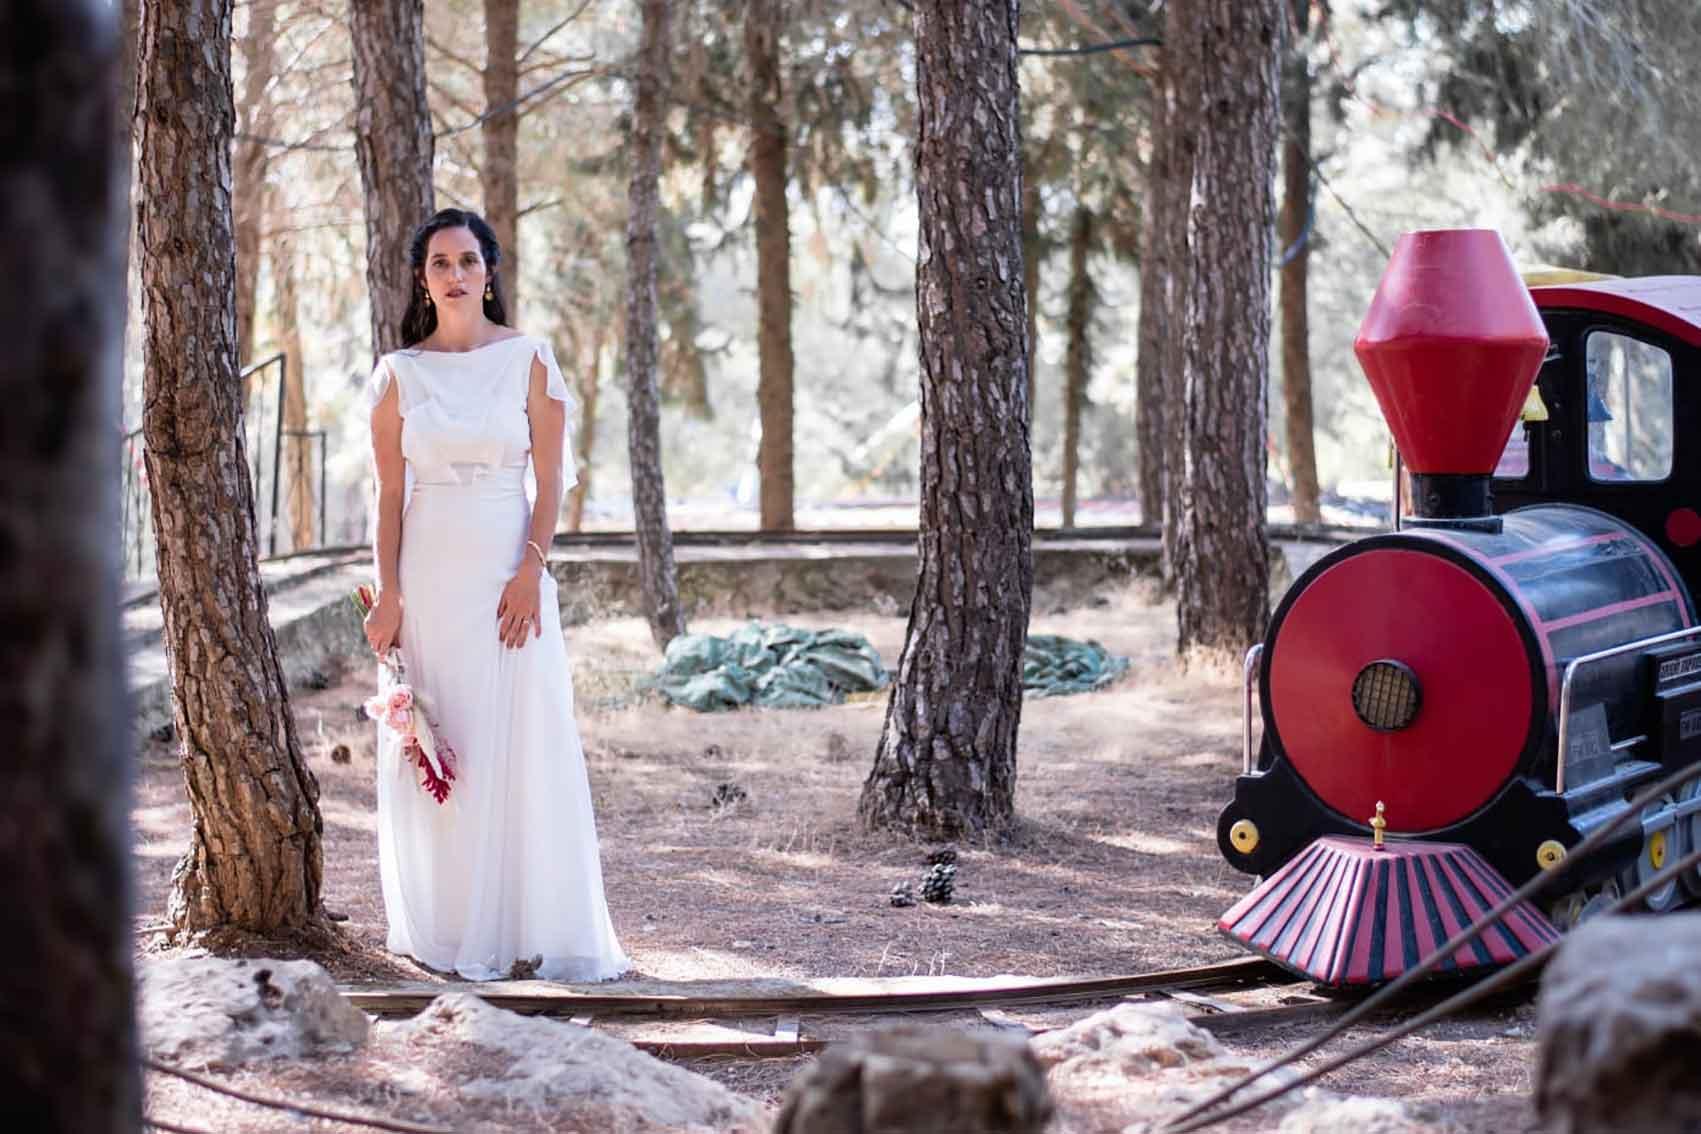 אהבת-הדס-שמלות-כלה-ב-700-שקל-מגזין-אופנה